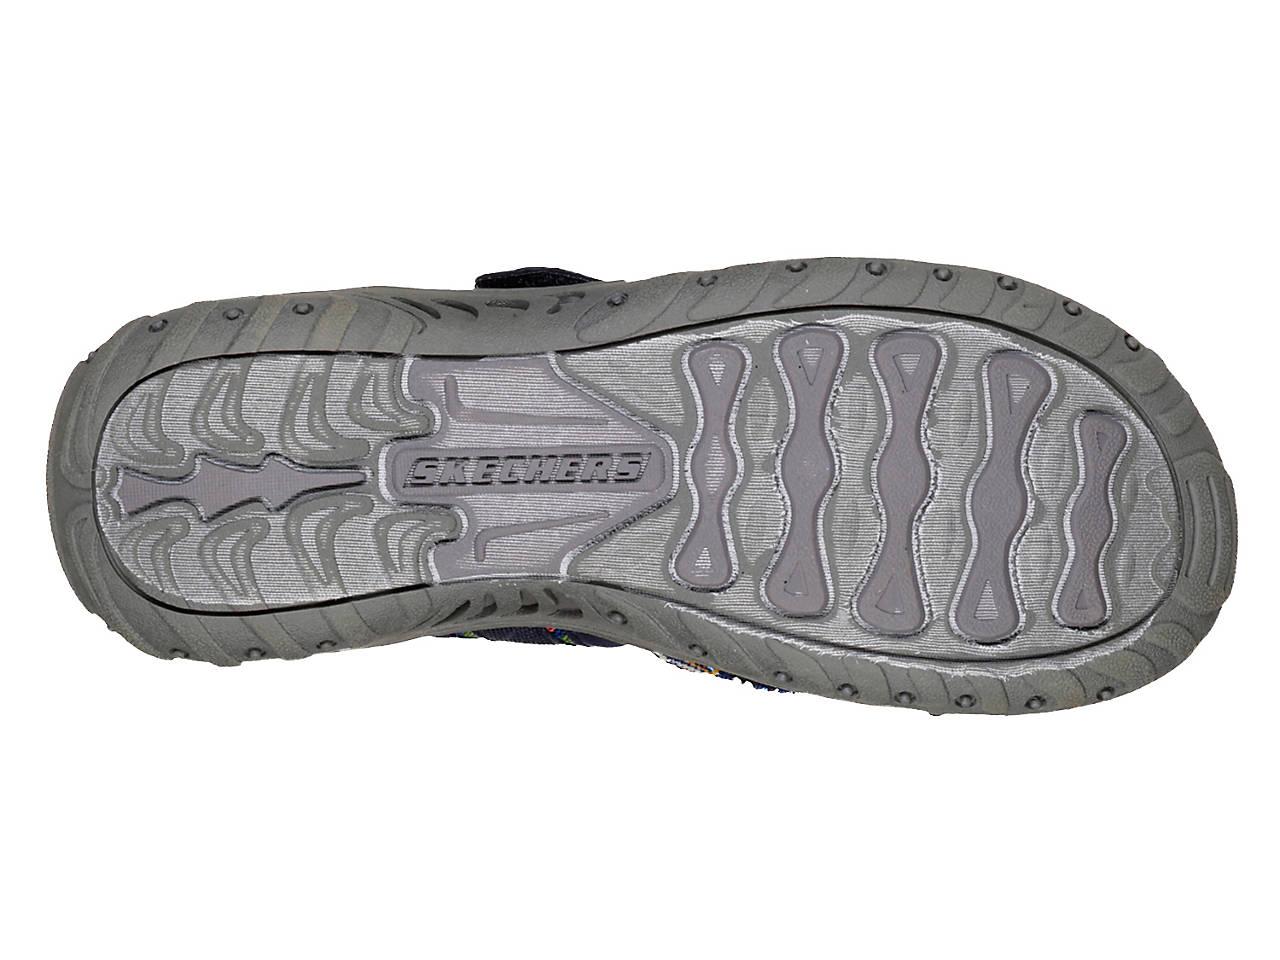 1fdee982ef4e Skechers Reggae Sparkle Swag Sandal Women s Shoes